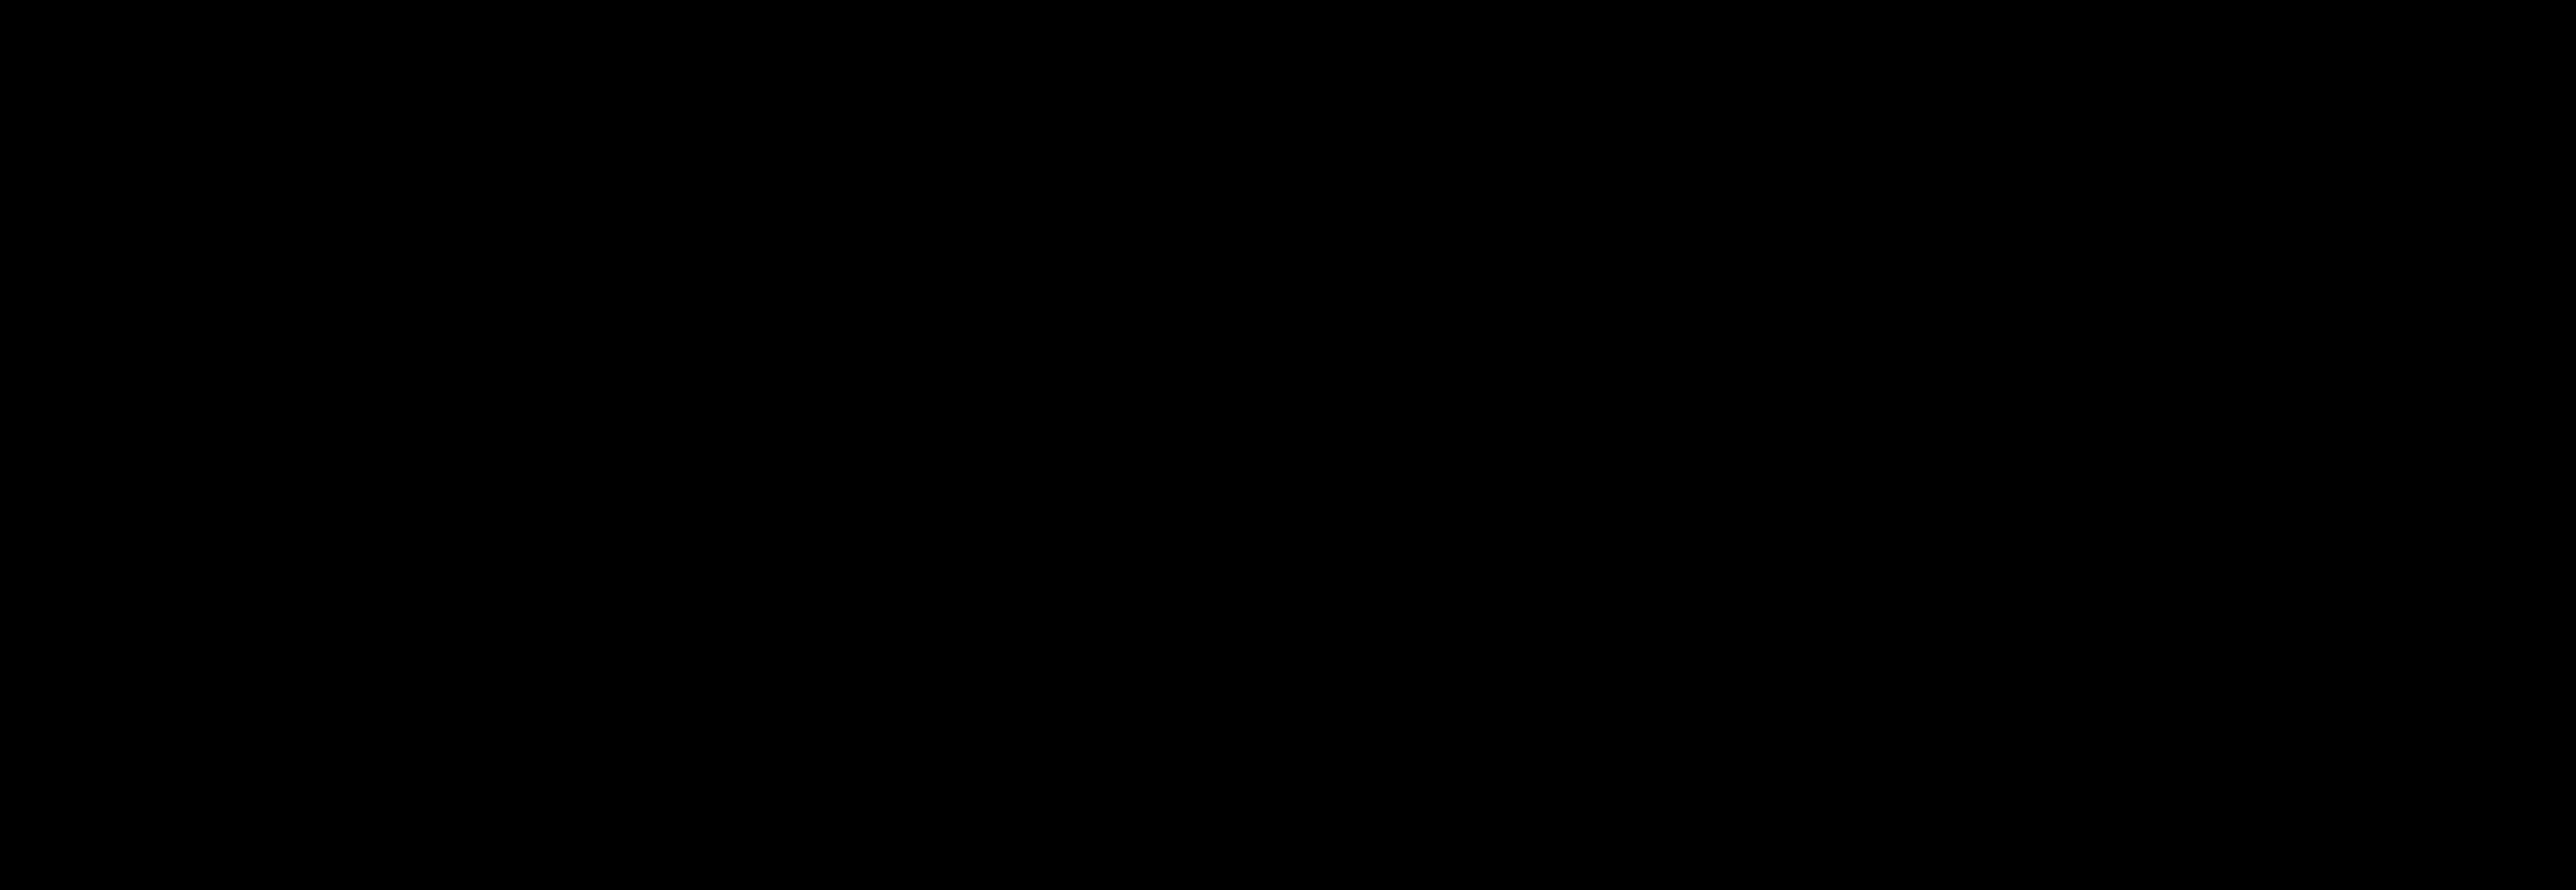 Curcumin-d<sub>6</sub>-diclofenac conjugate